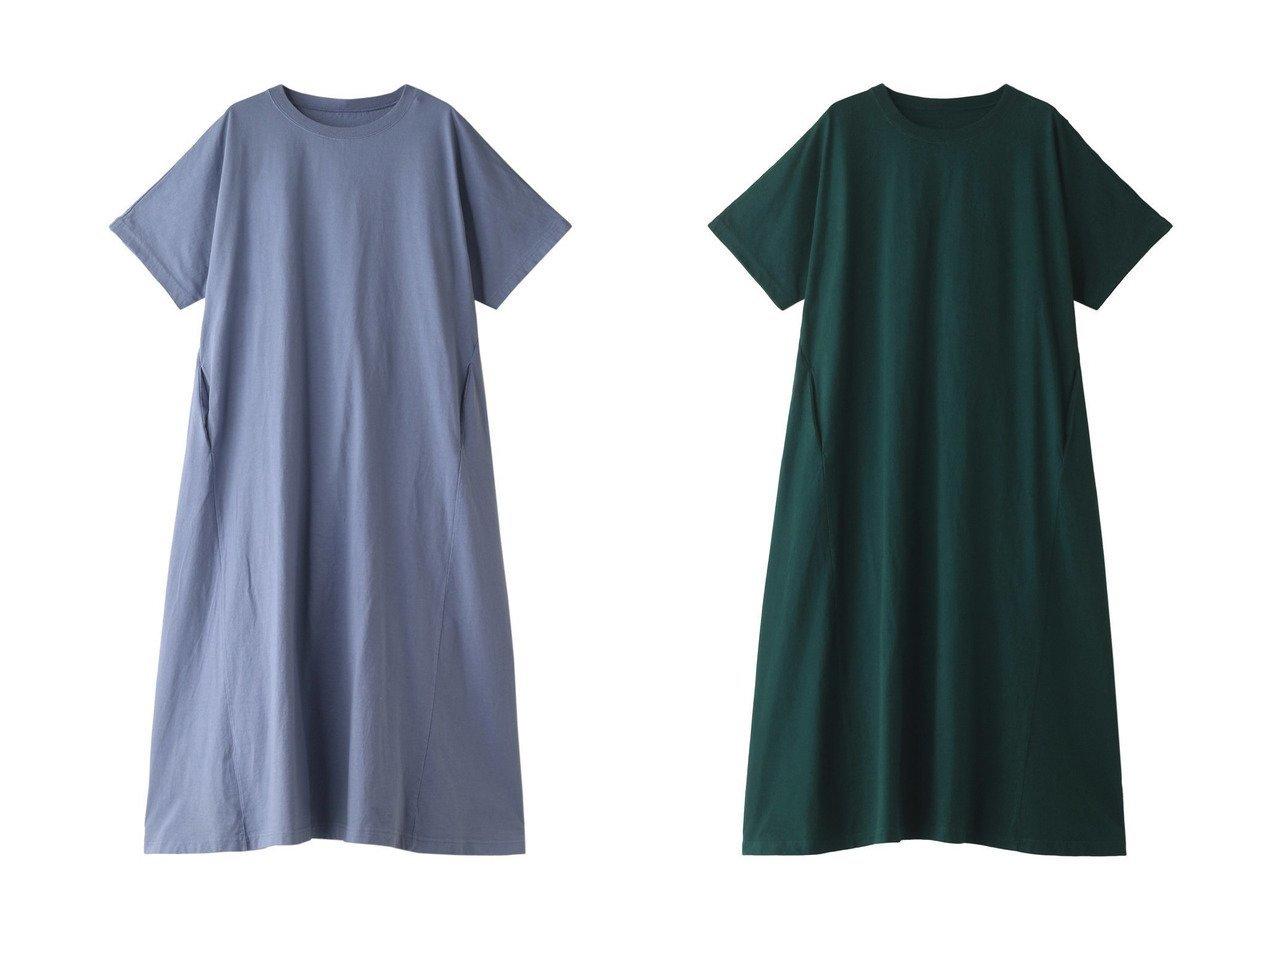 【nest Robe/ネストローブ】のヘビーウェイトコットンジャージードルマンスリーブドレス 【ワンピース・ドレス】おすすめ!人気、トレンド・レディースファッションの通販 おすすめで人気の流行・トレンド、ファッションの通販商品 インテリア・家具・メンズファッション・キッズファッション・レディースファッション・服の通販 founy(ファニー) https://founy.com/ ファッション Fashion レディースファッション WOMEN ワンピース Dress ドレス Party Dresses シンプル トレンド ドレス リゾート ロング 抗菌  ID:crp329100000040339